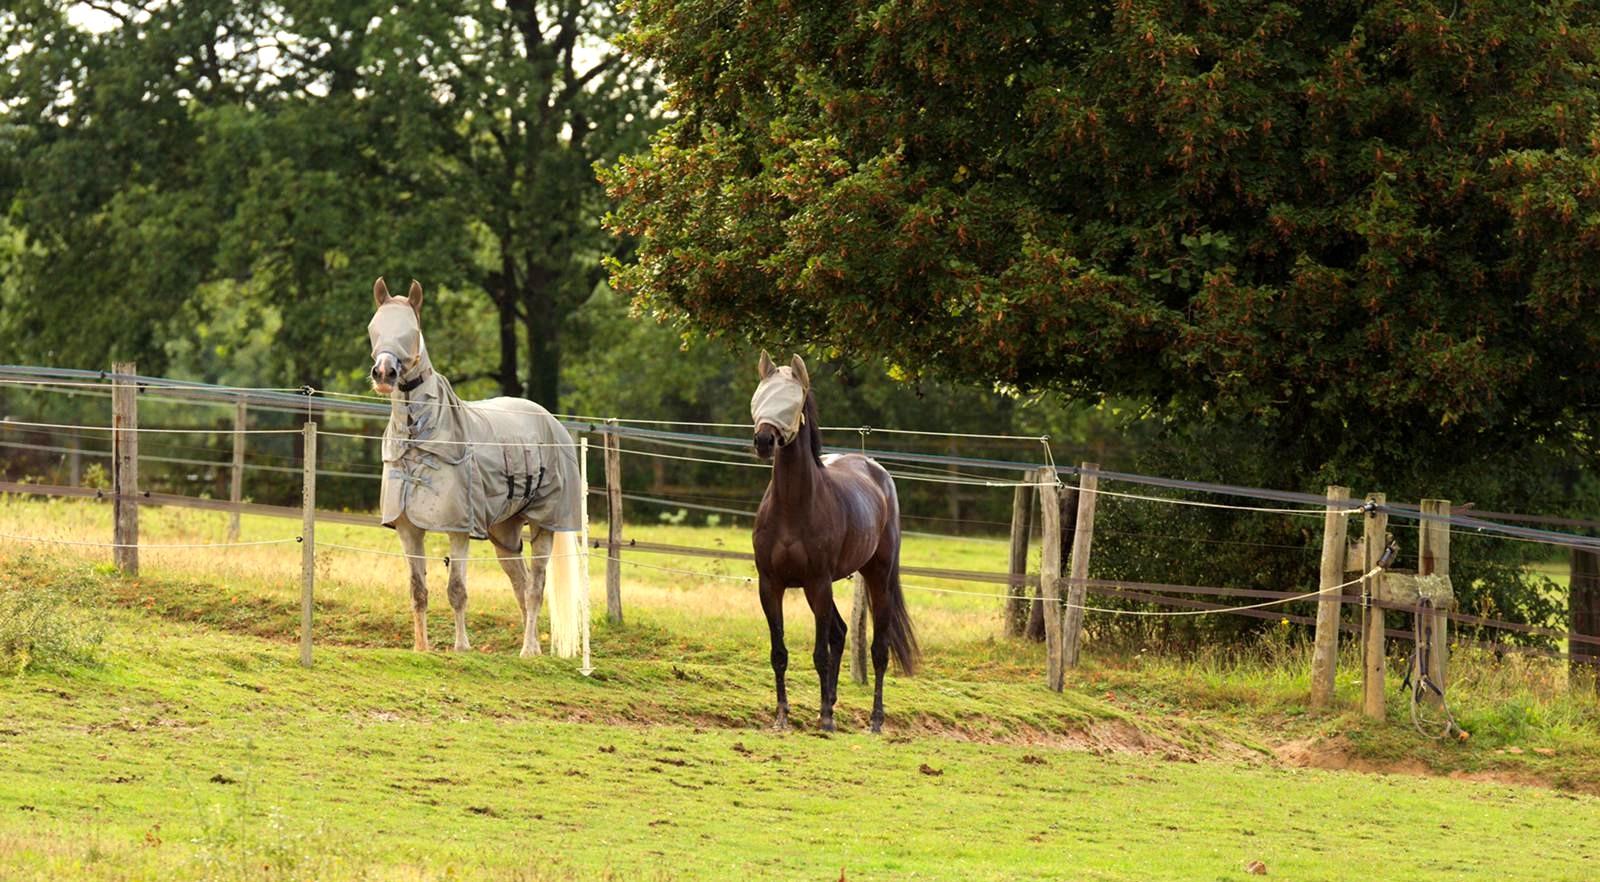 Ecurie-raphael-cochet-concours-complet-equitation-la-louviere-installatios-pré